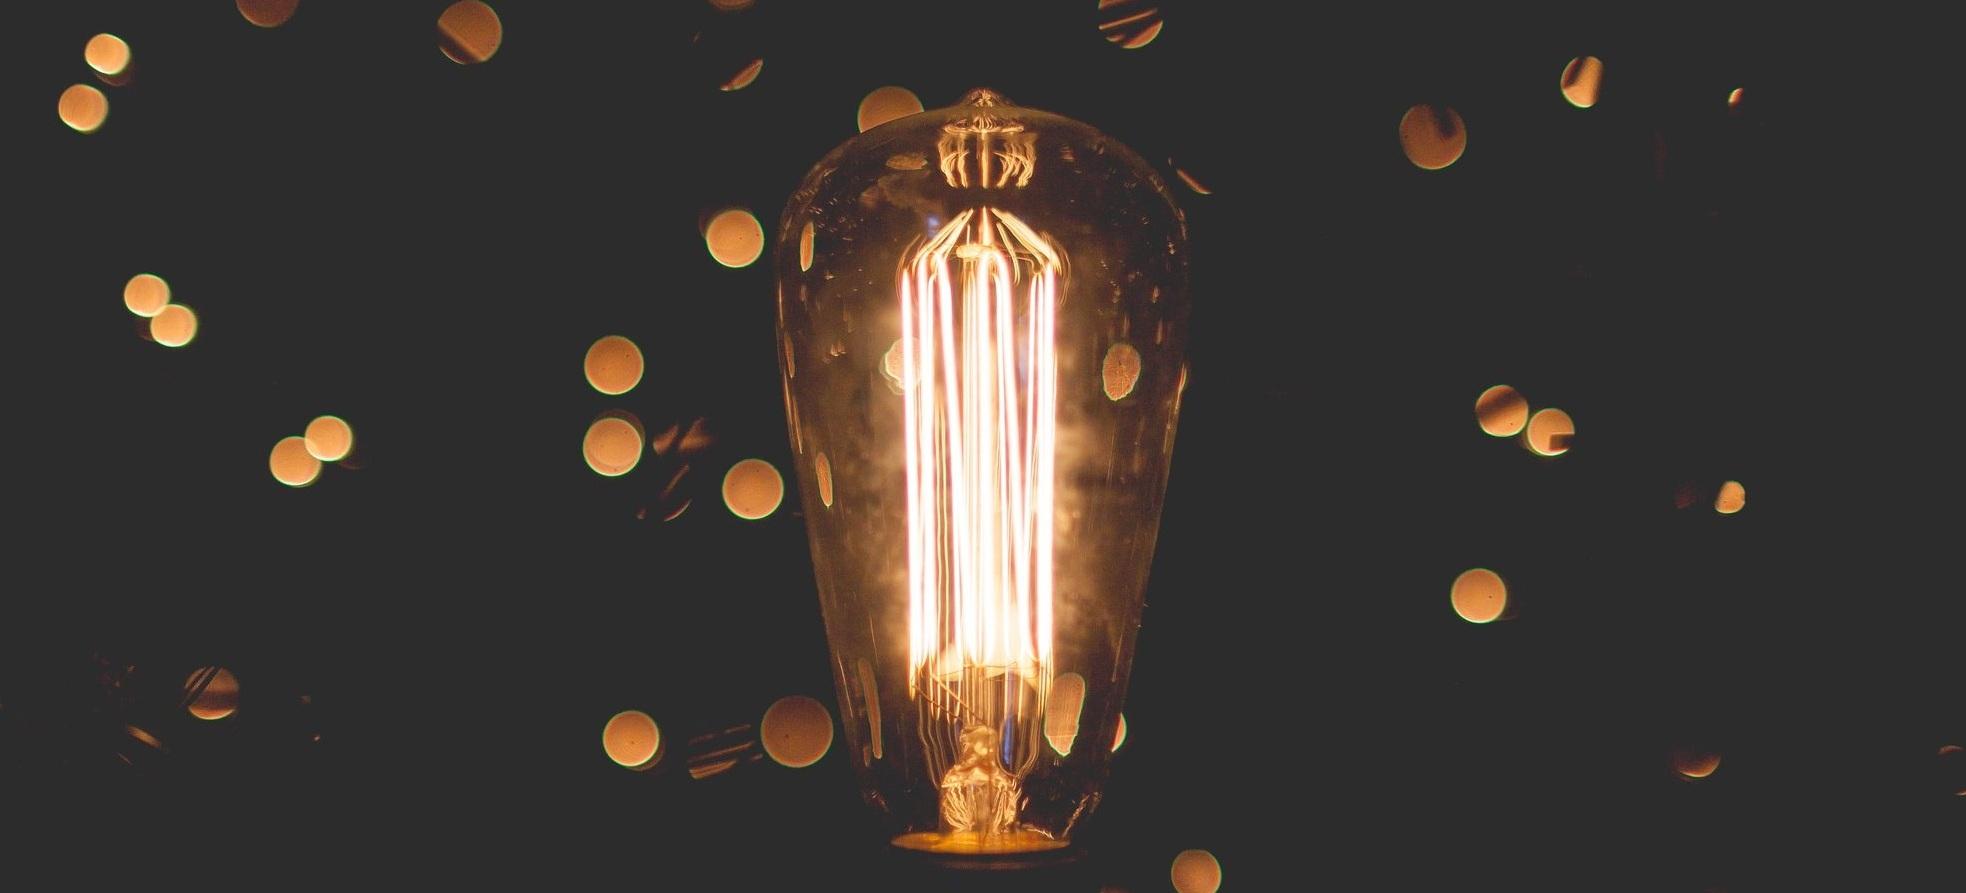 Del dine idéer -